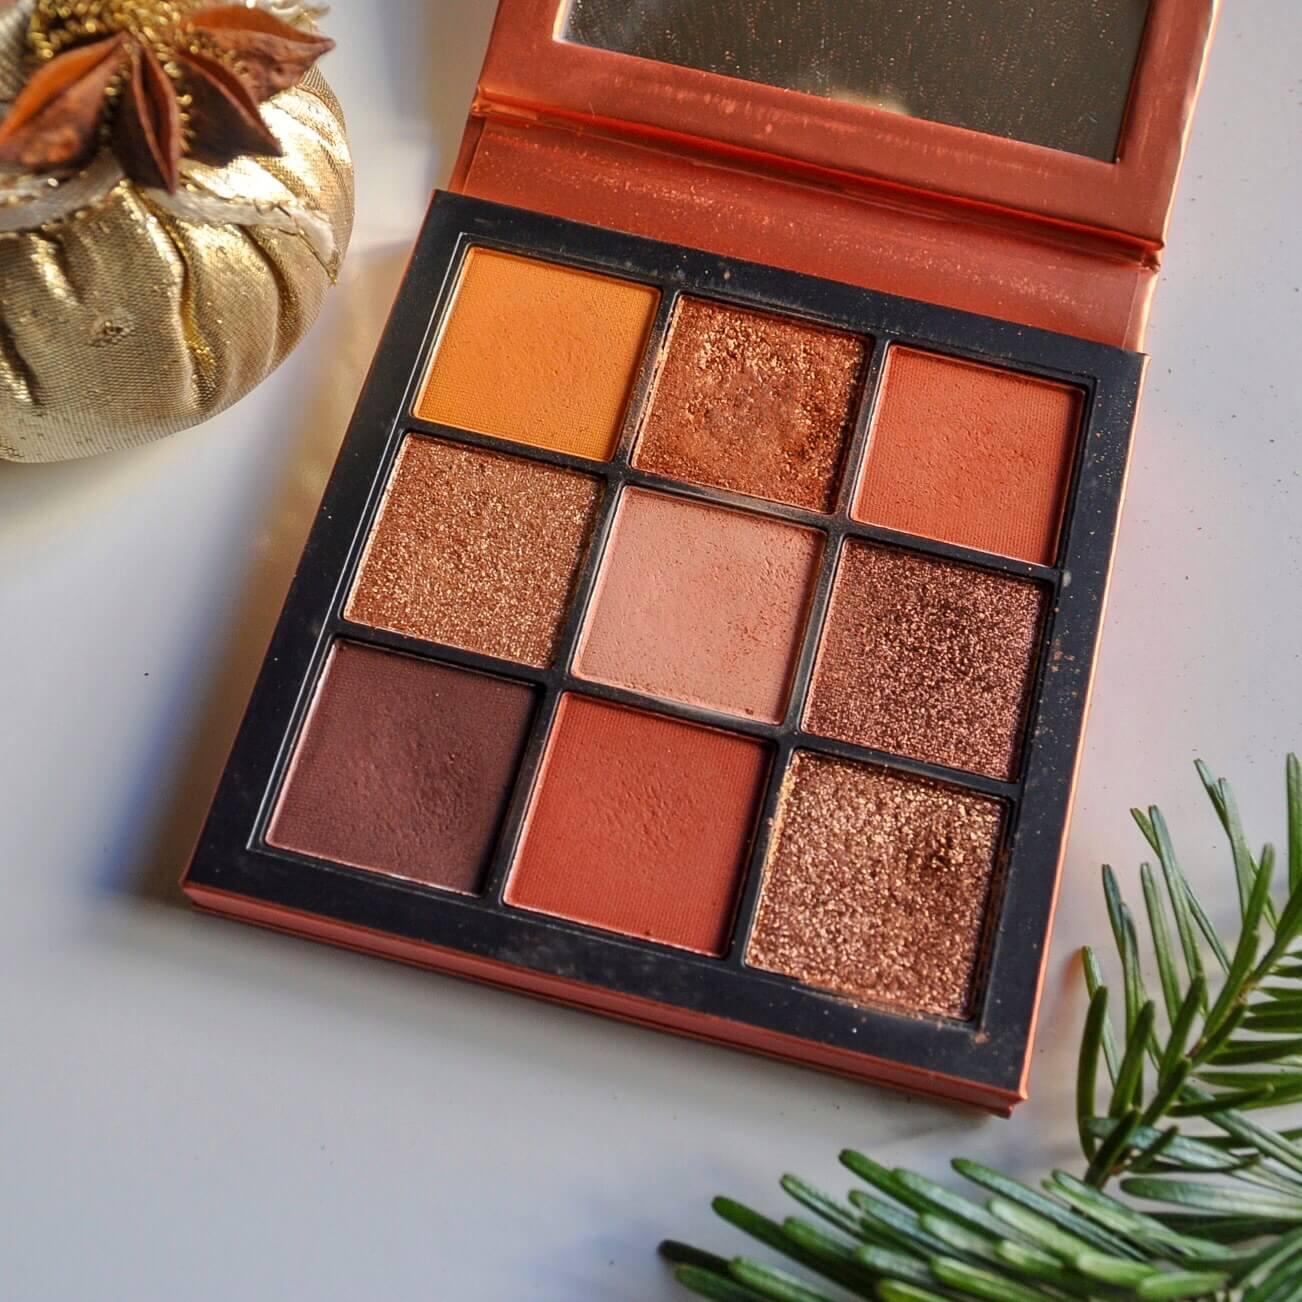 palette topaz obsession huda beauty - Un maquillage de fête avec Clara s'emballe